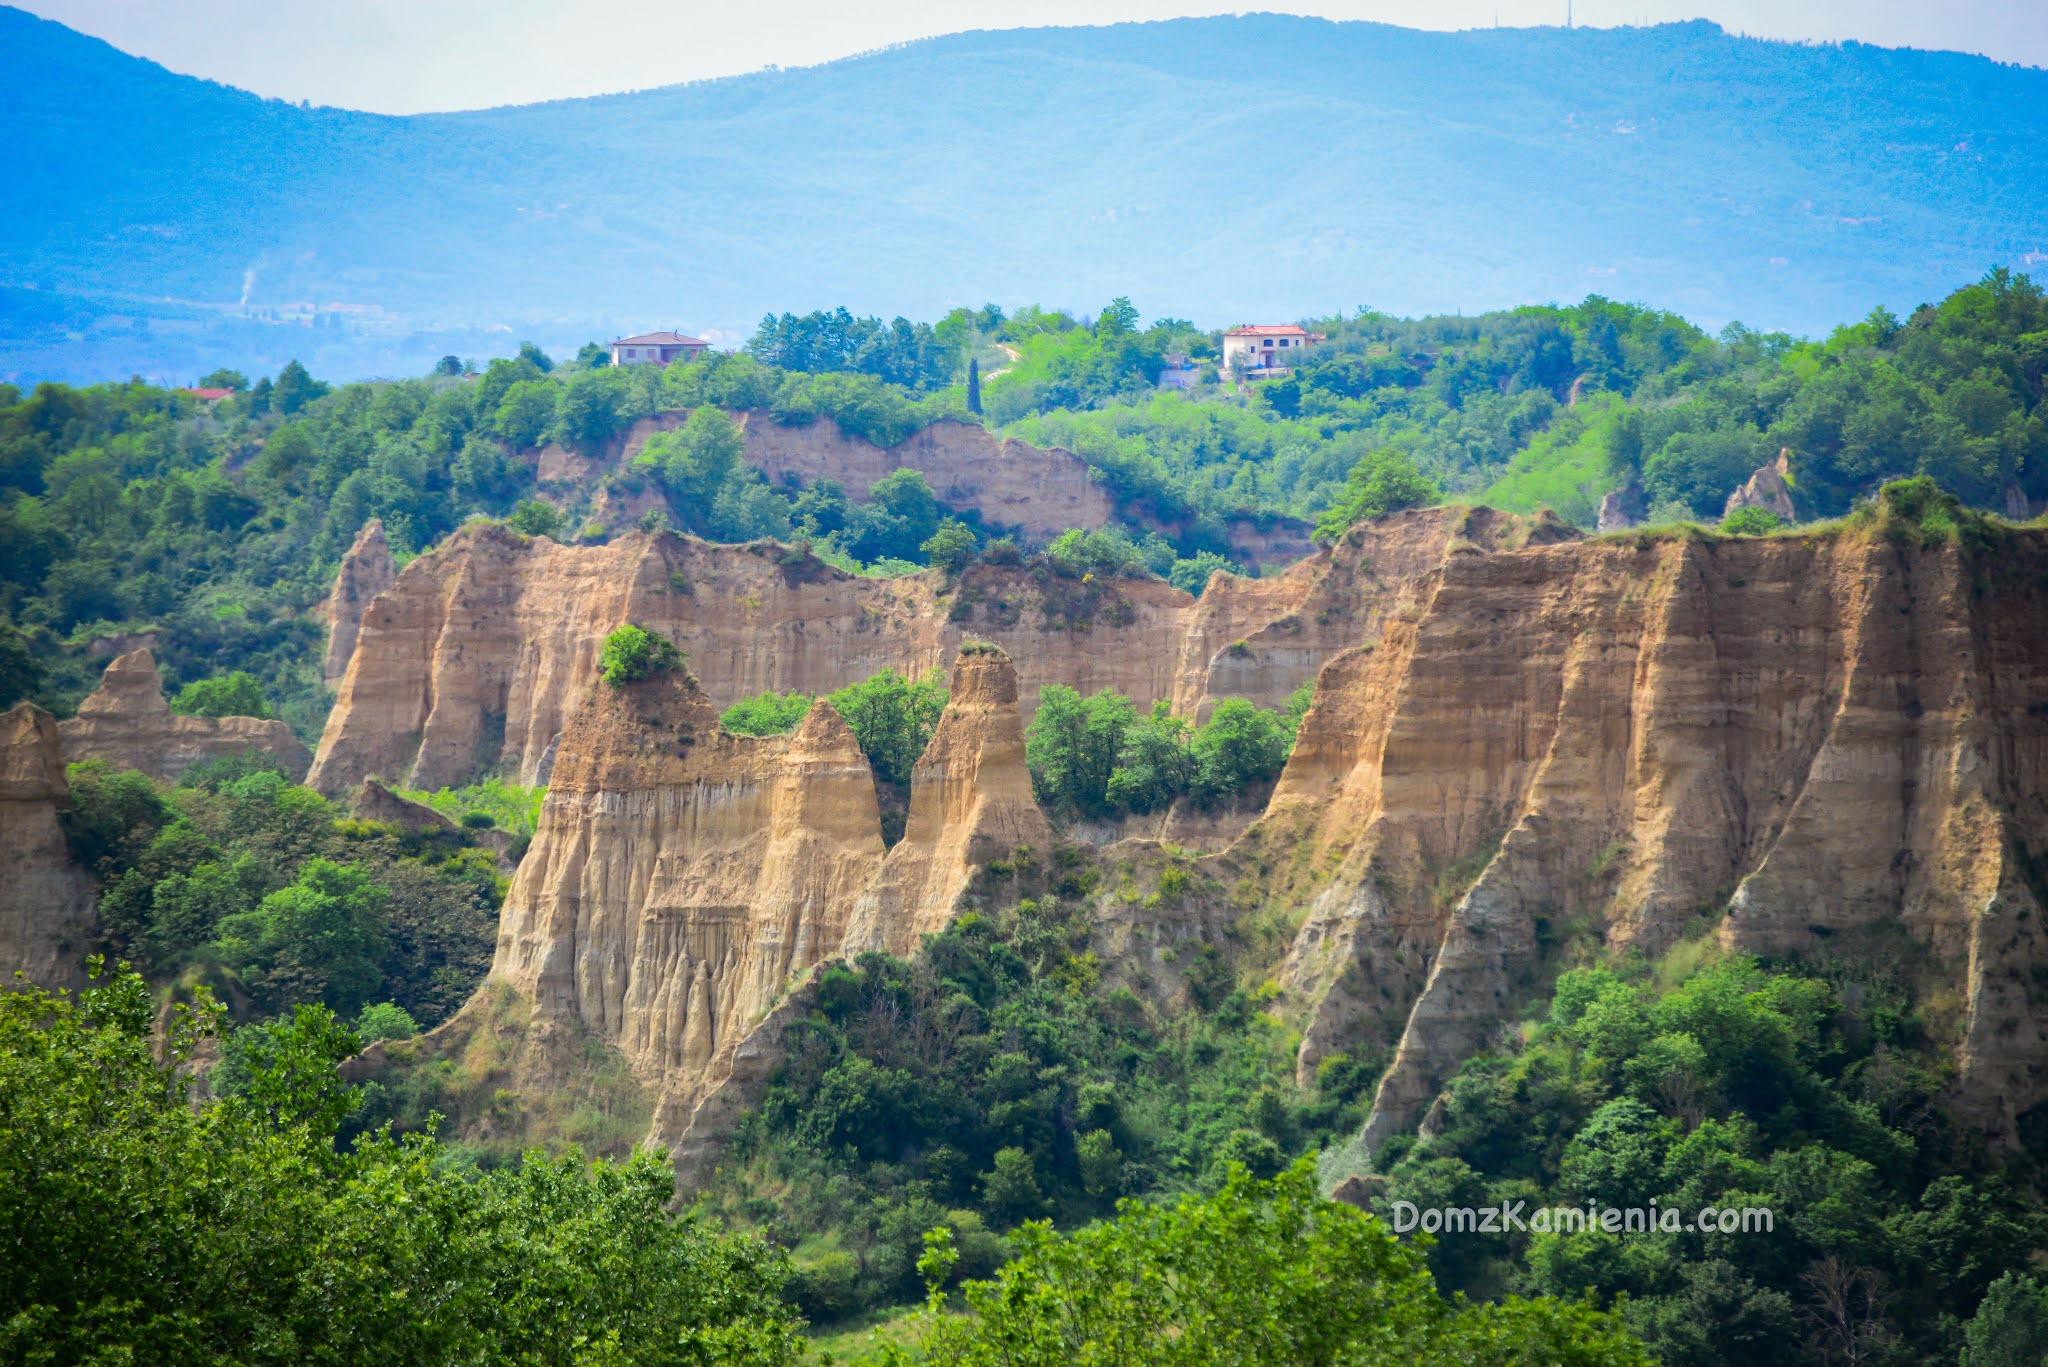 Balze di Valdarno, Dom z Kamienia blog o życiu w Toskanii